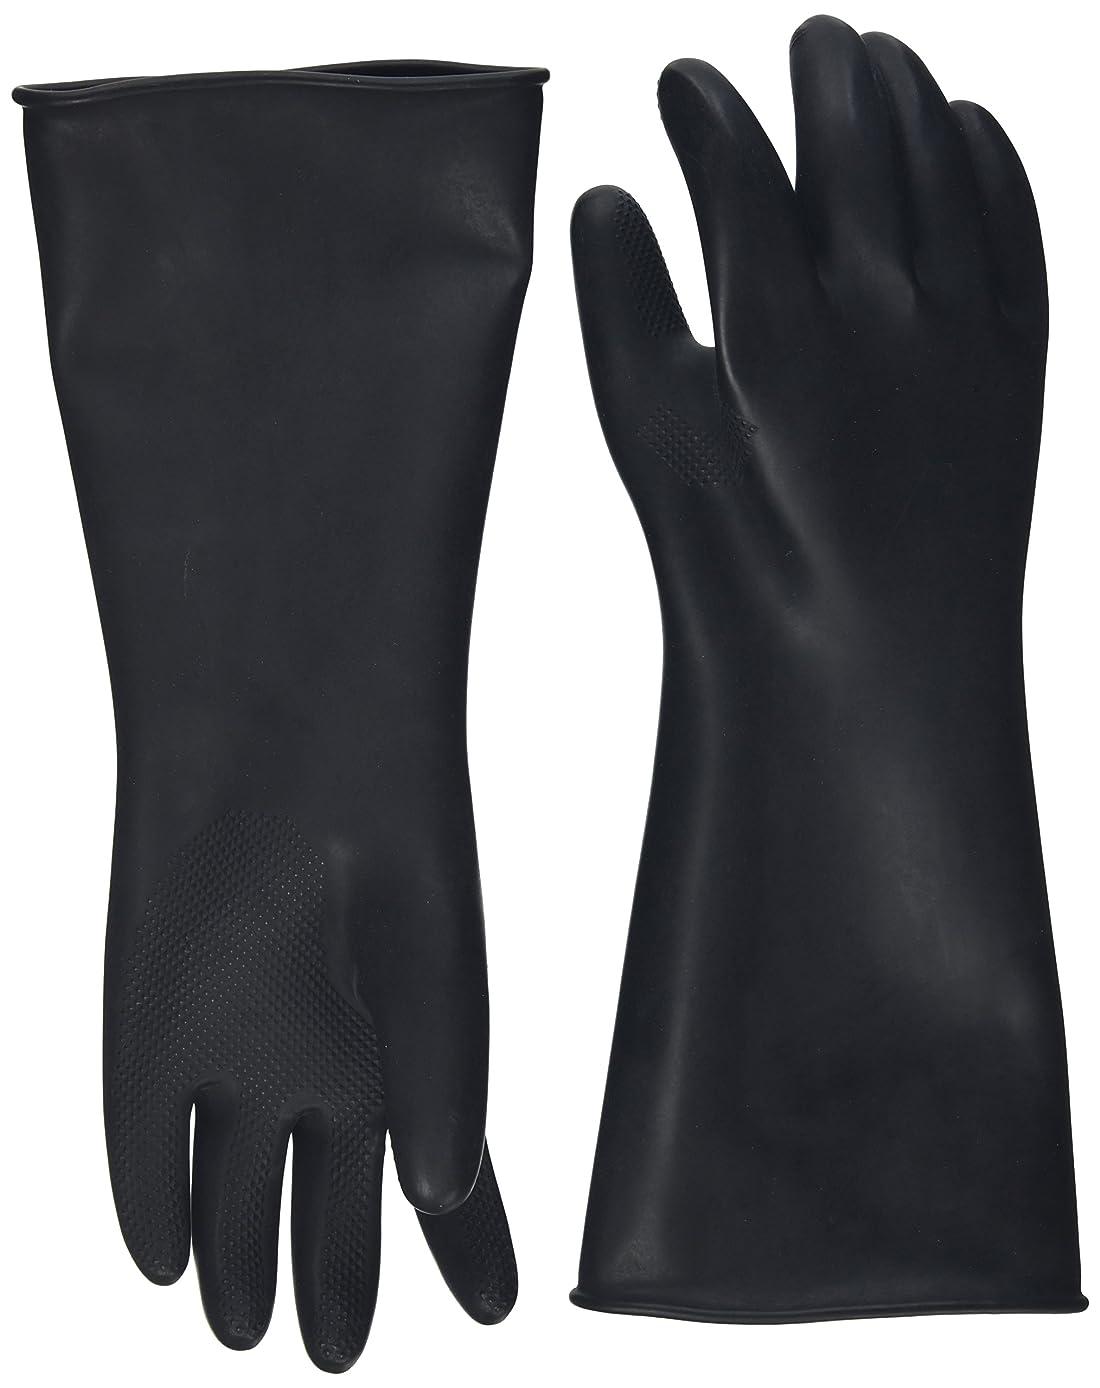 キロメートル染料過言ハナキゴム 工業用手袋ハナローブ No.436 滑り止め付き曲指型 ブラック